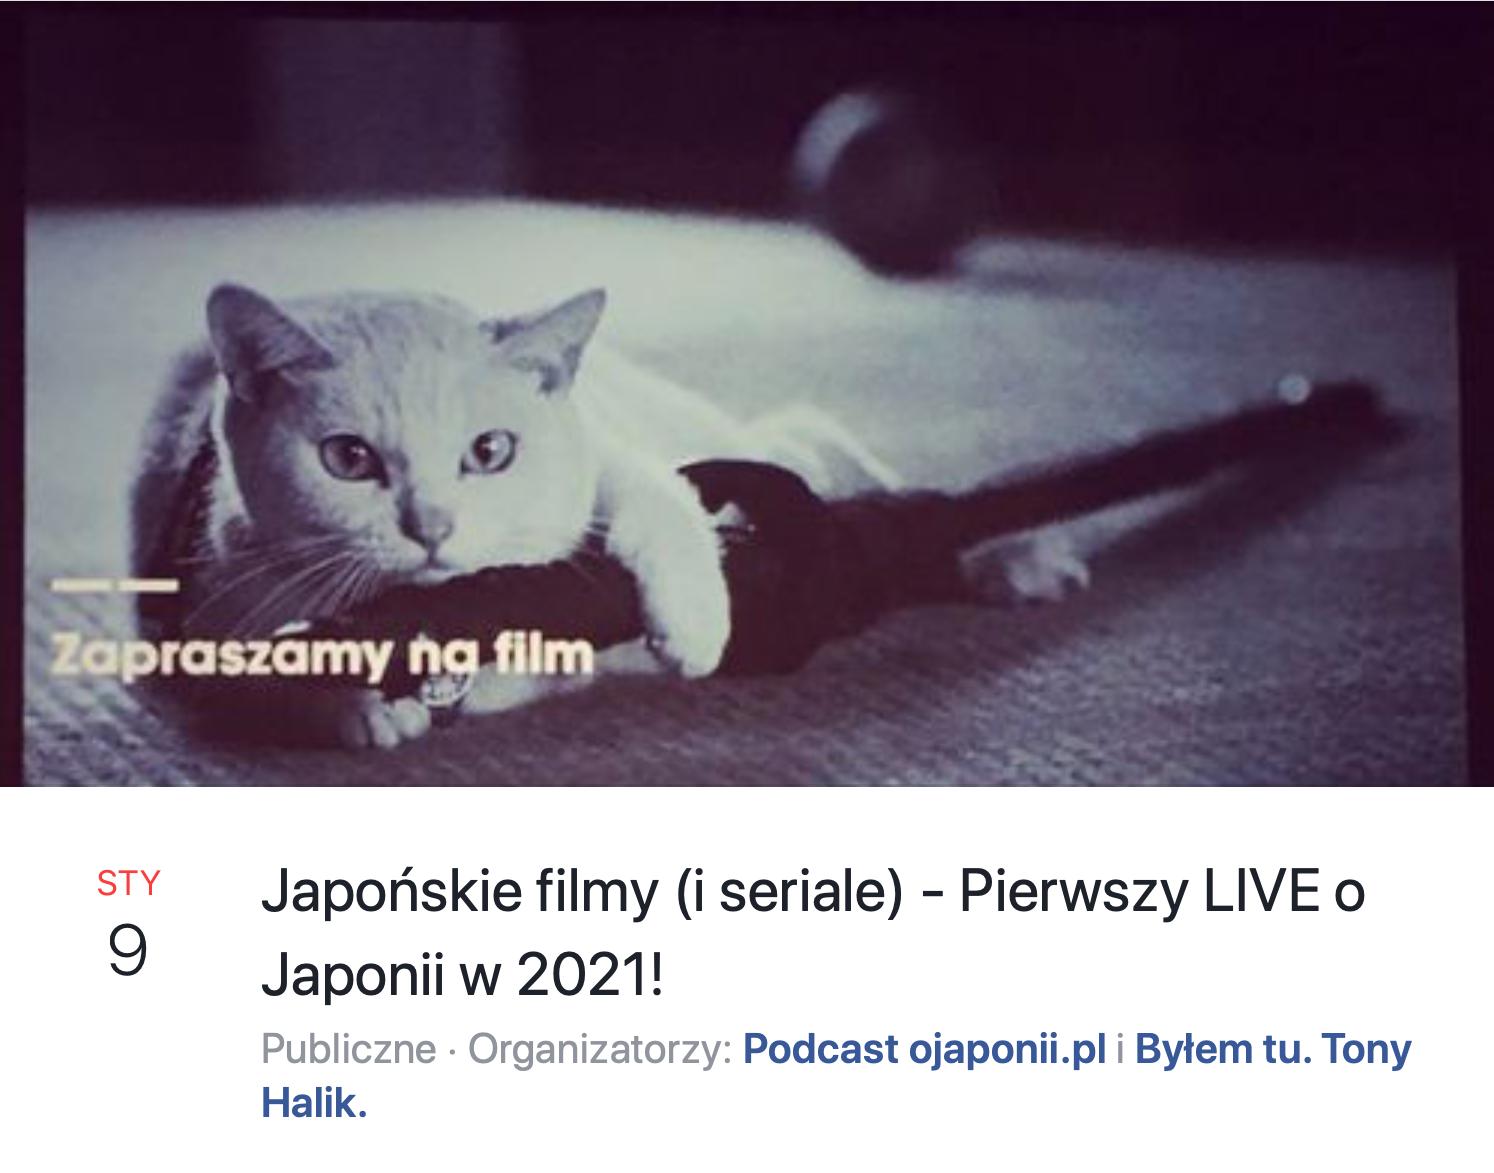 Japońskie filmy i seriale (zaproszenie na spotkanie LIVE)